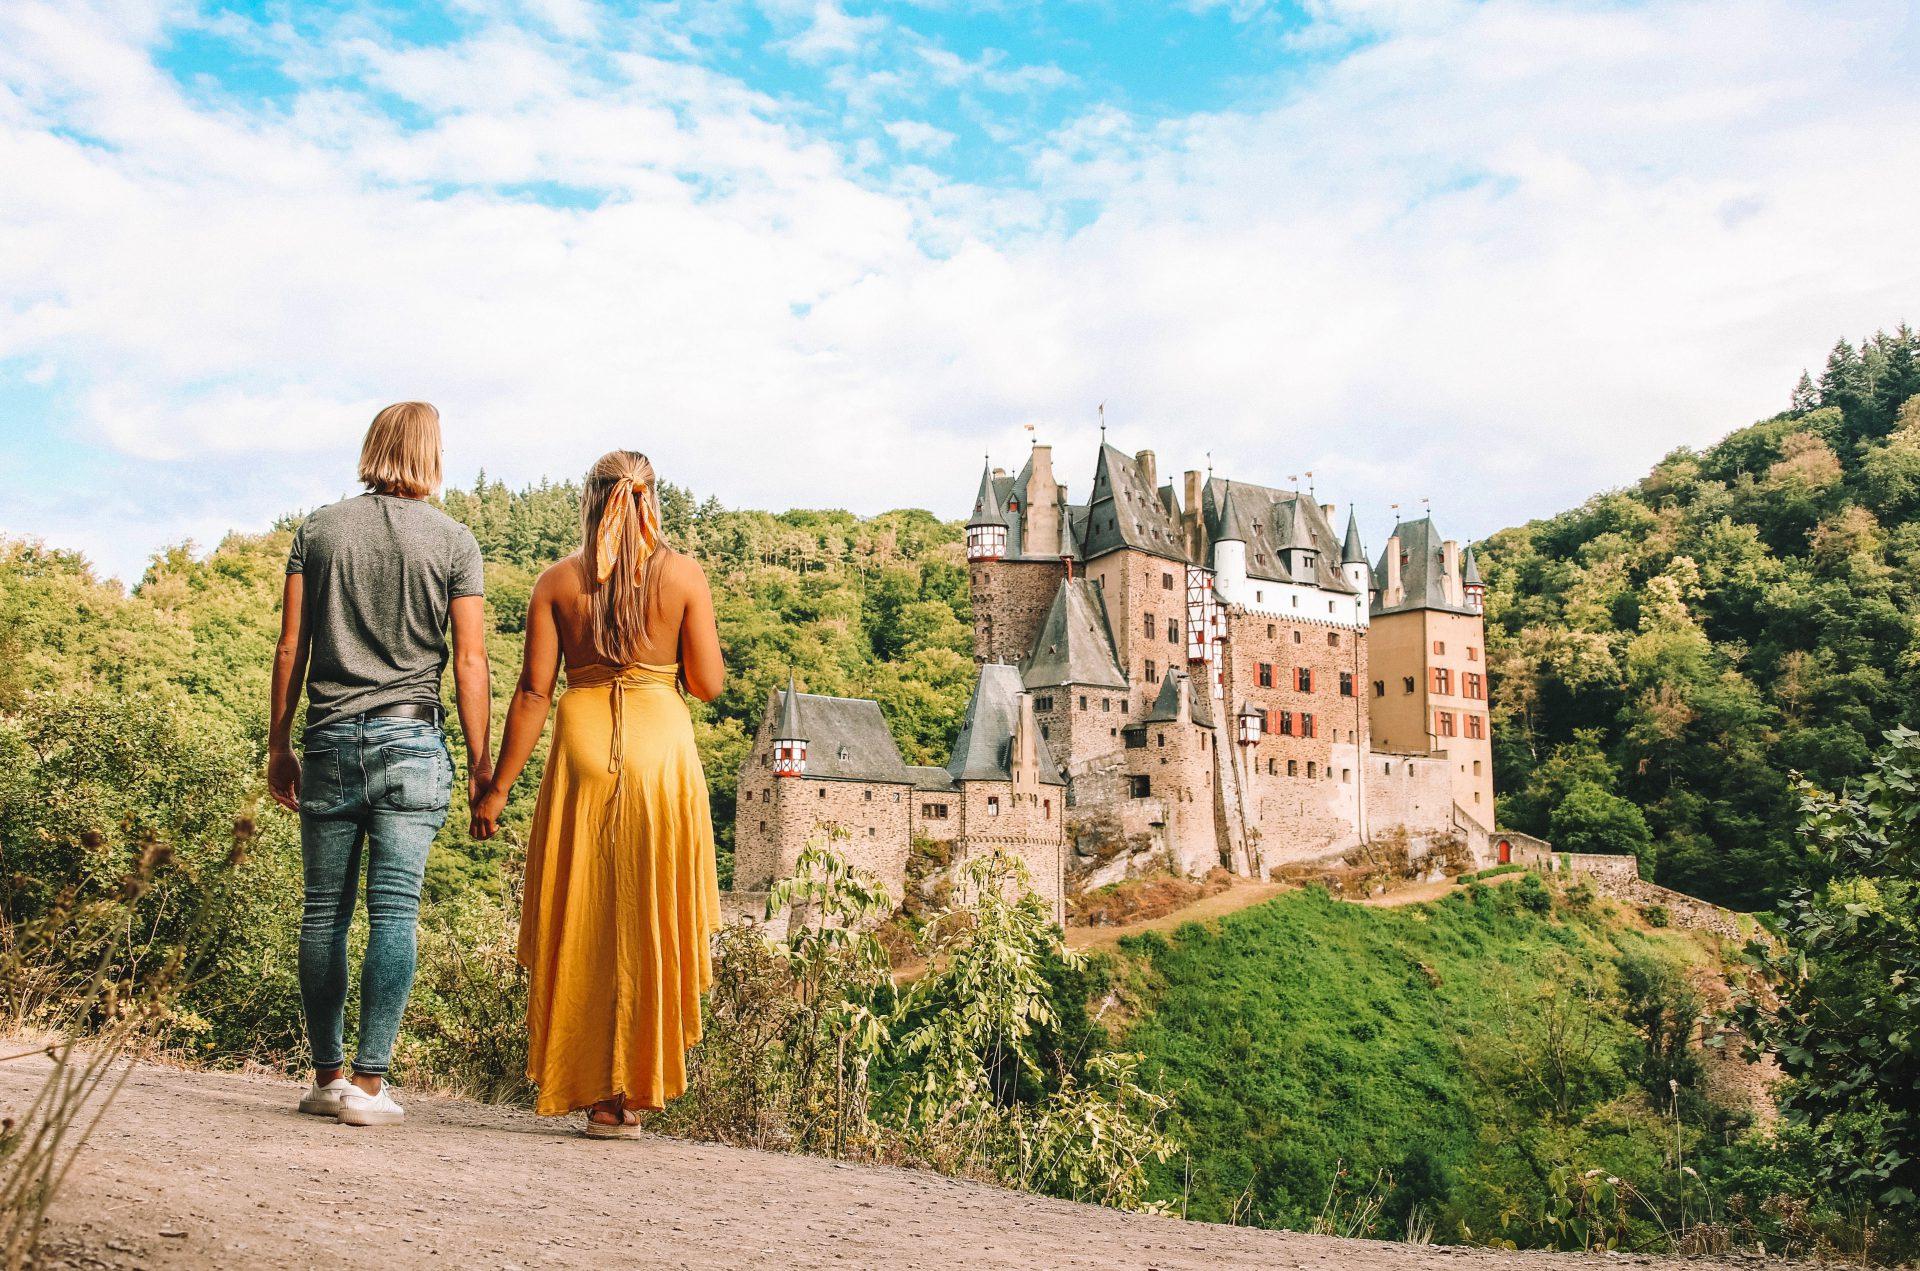 Burg Eltz Wierschem